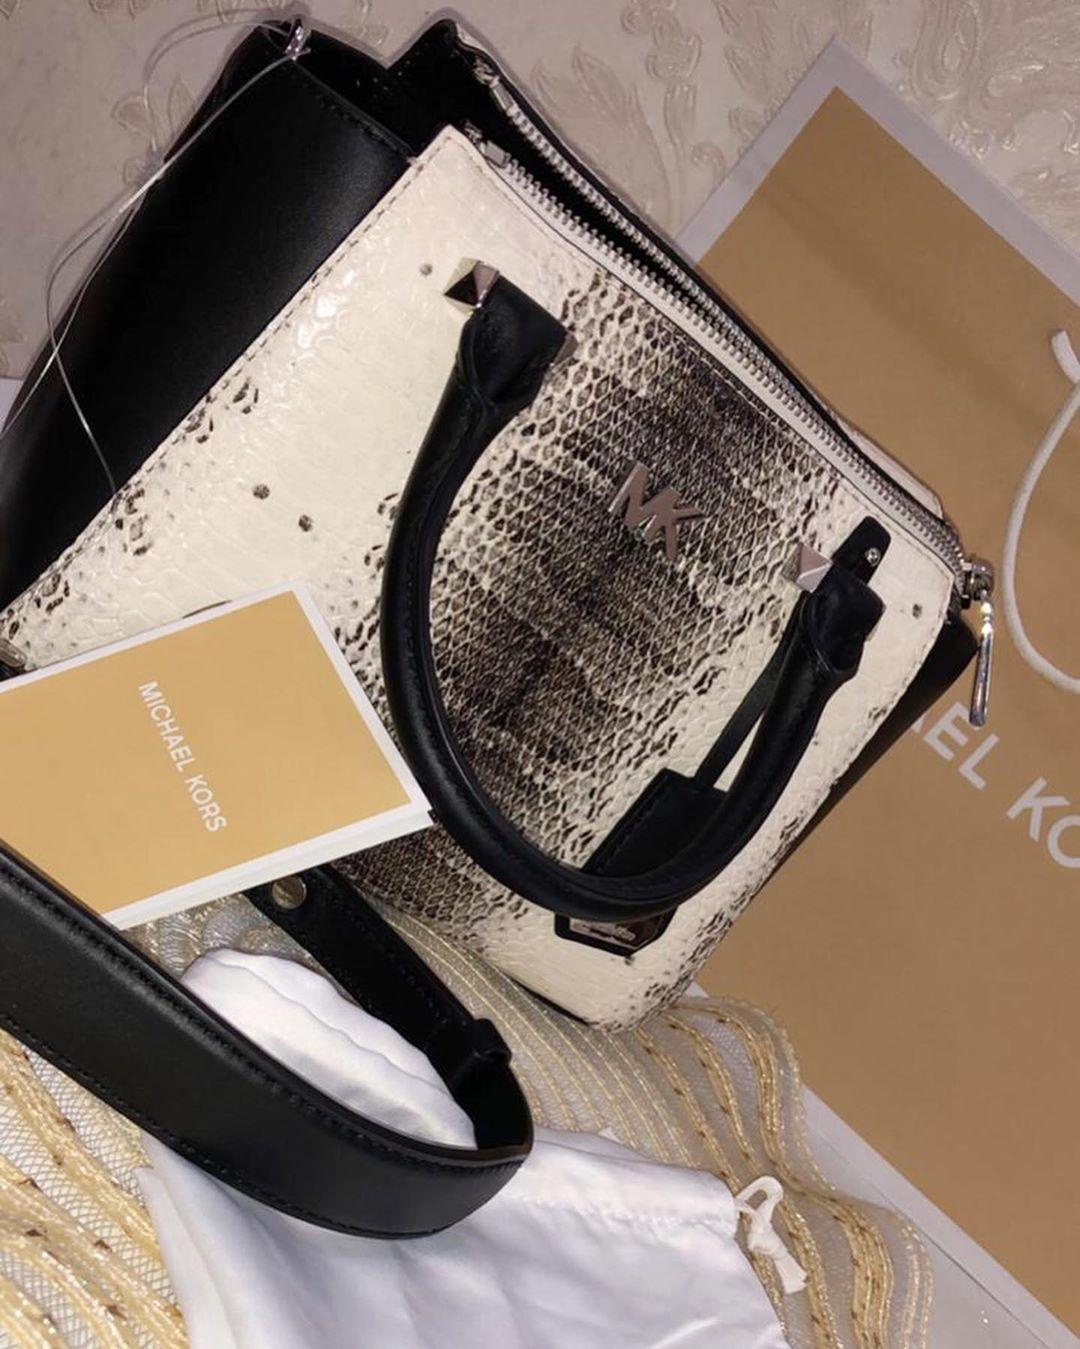 النوع مايكل كورس اللون اسود بأبيض وحجم ميني الحالة جديده لم تستخدم سنة الشراء ٢٠١٨ ١١